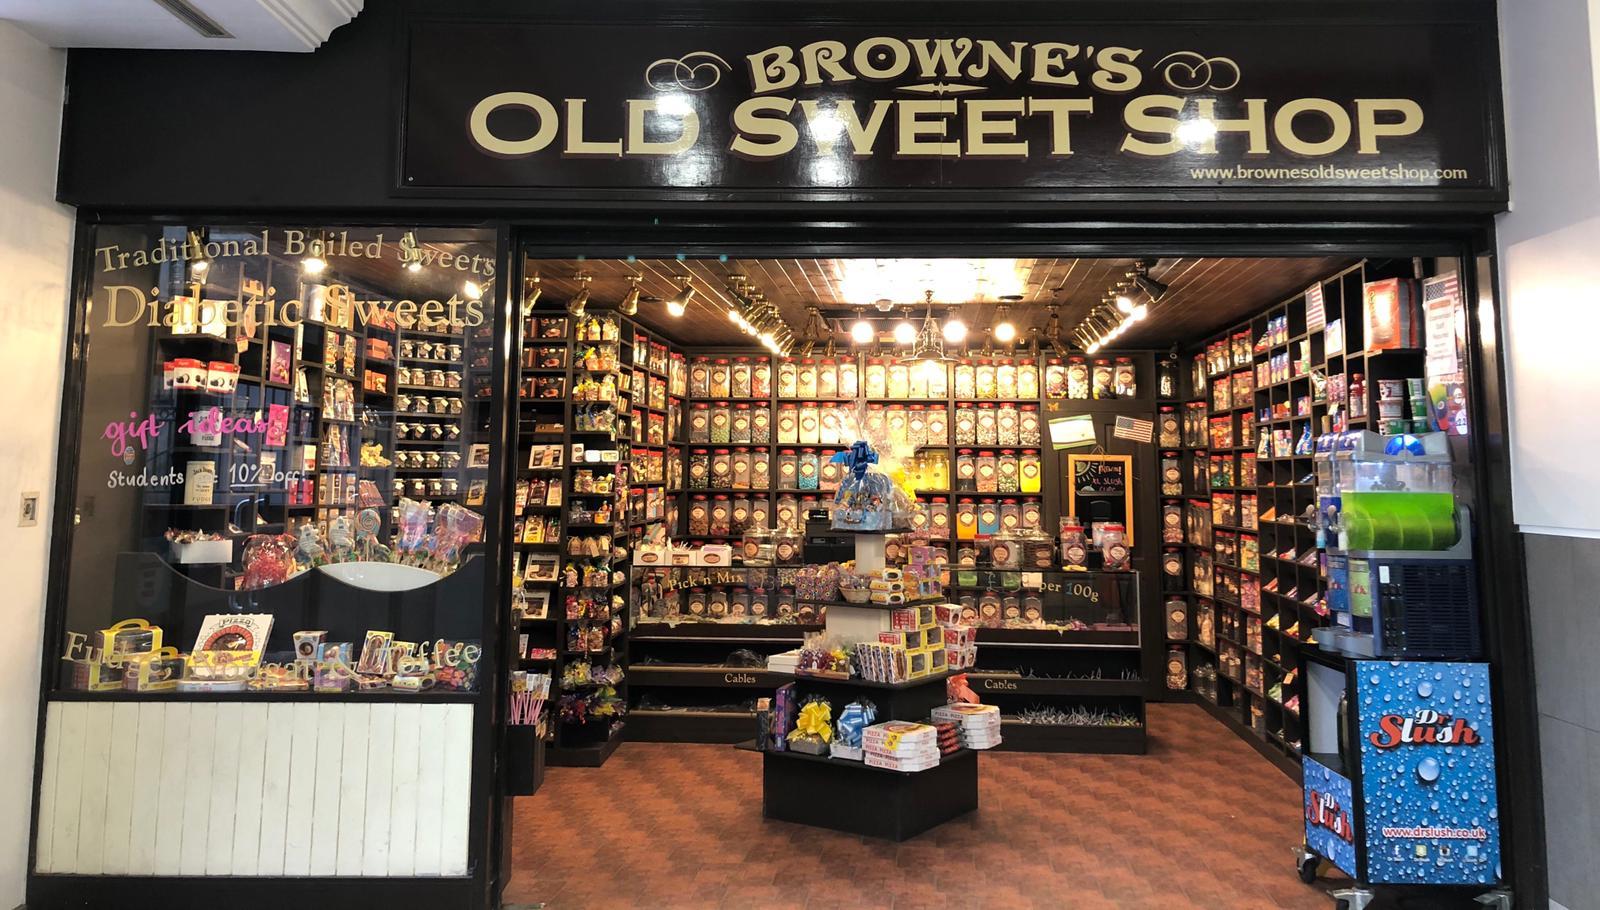 Brownes Old Sweet Shop